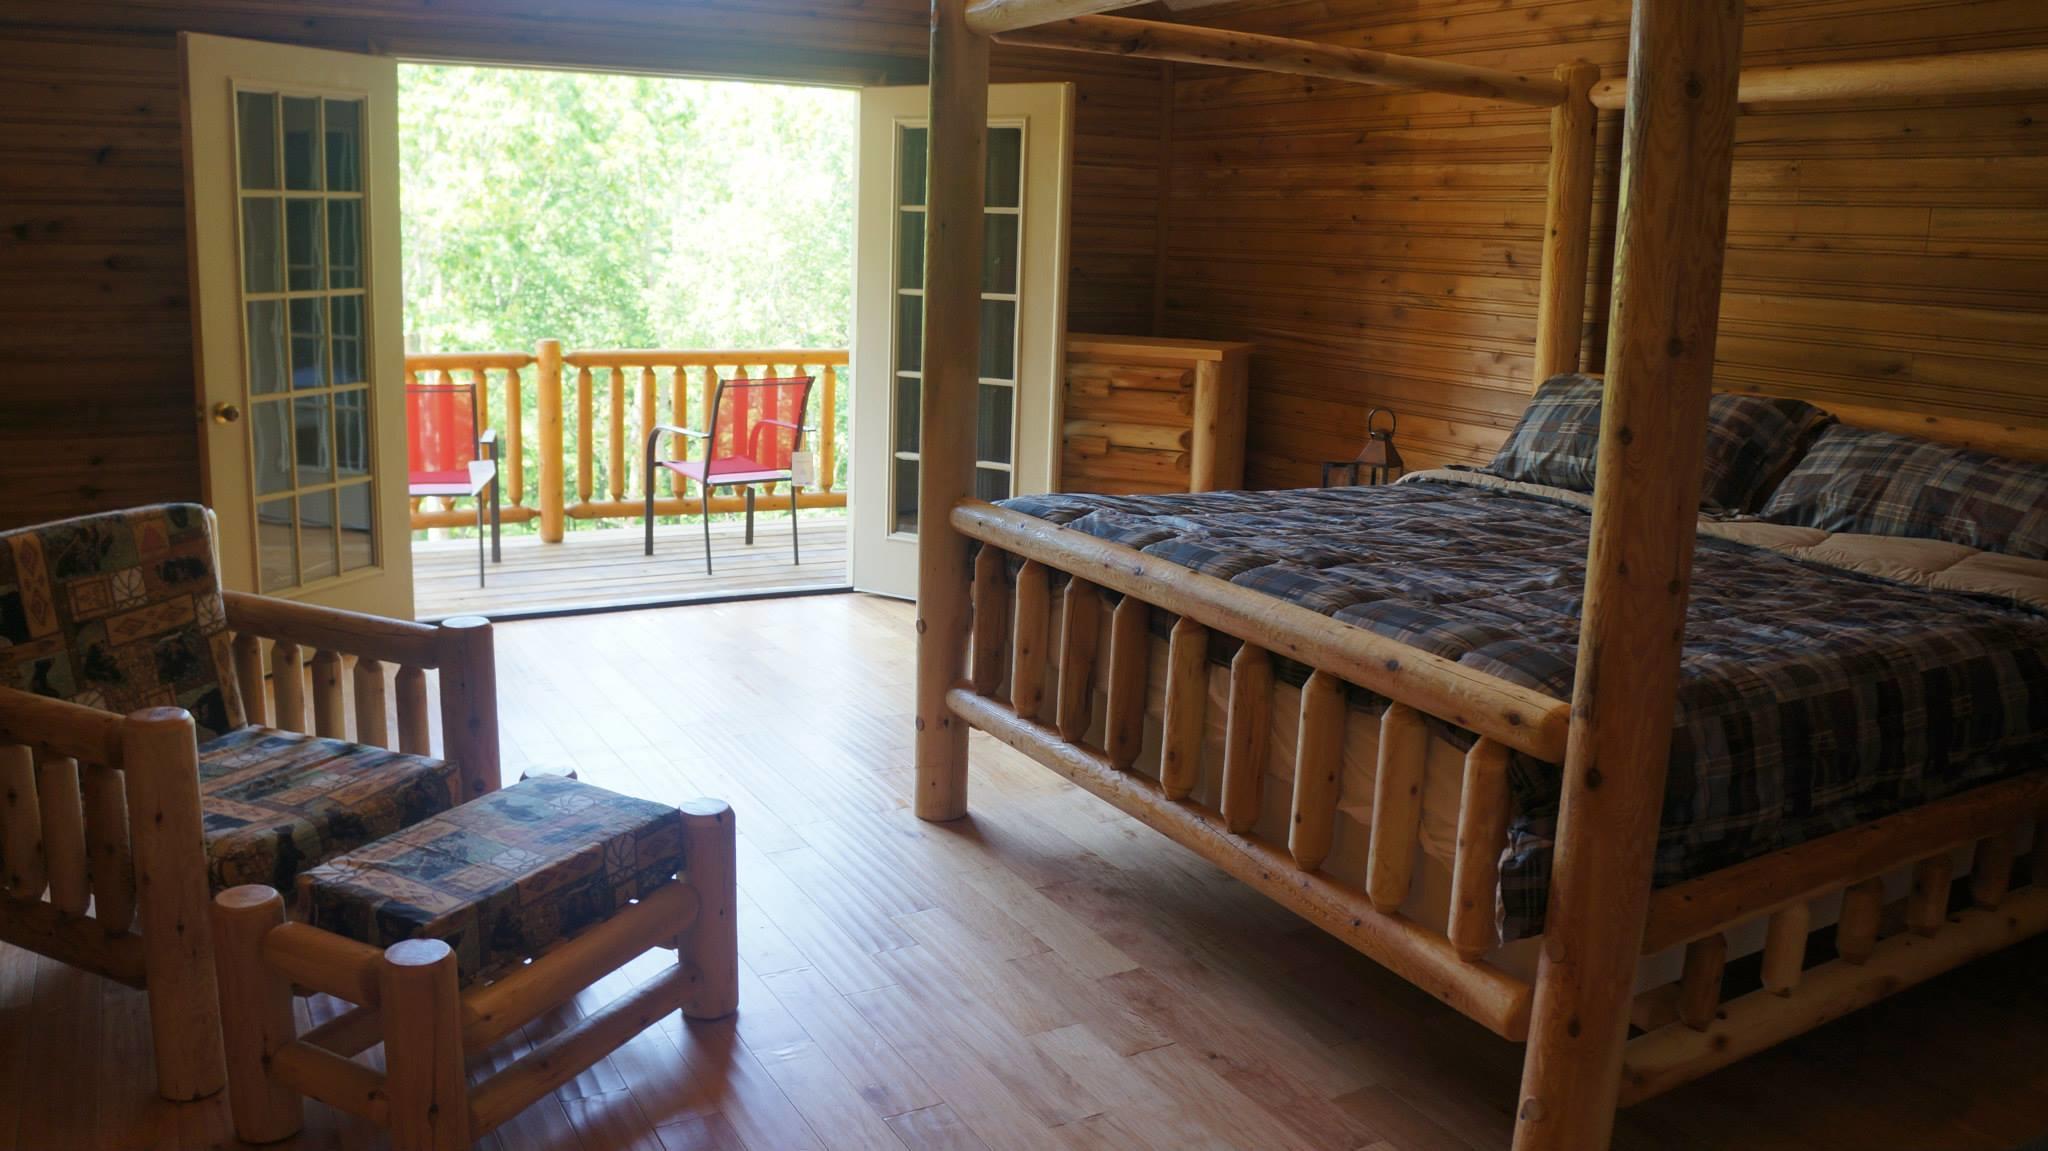 Yatesville Lake Cabin Rental Coupons Near Me In Louisa